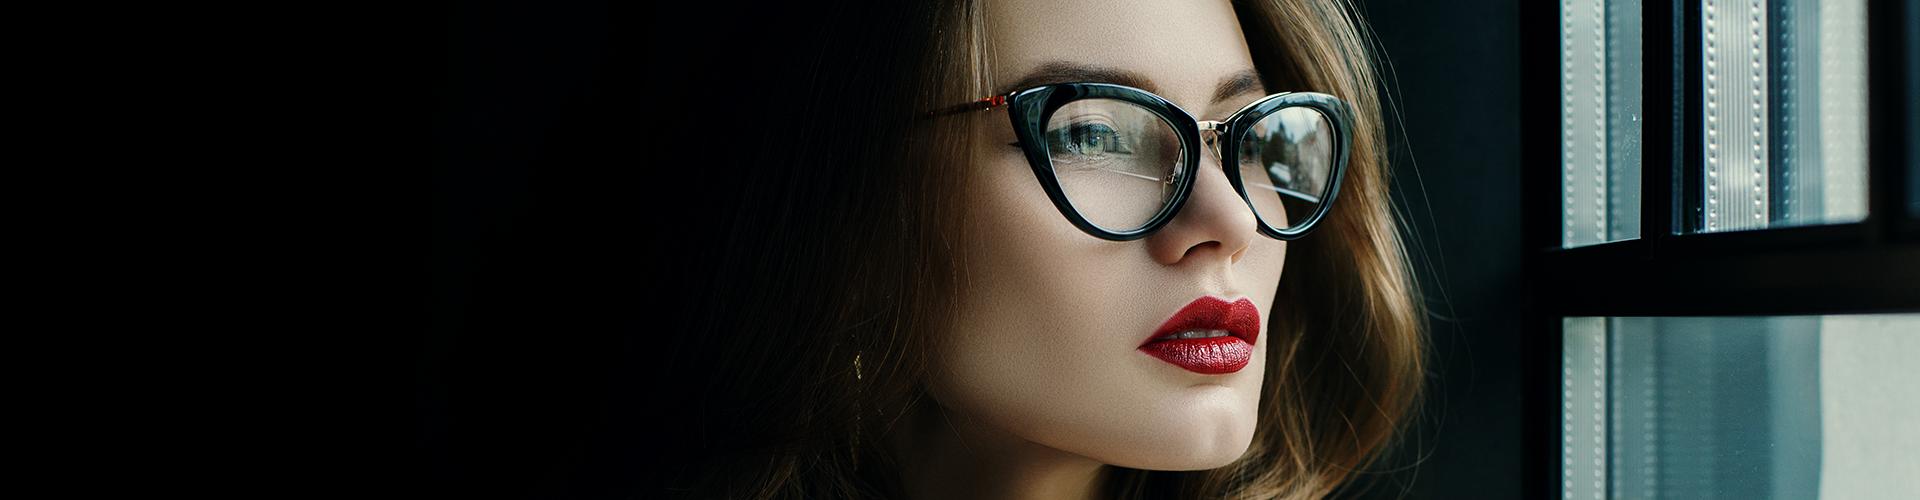 a0ad98b8cebec Quem usa óculos sempre se lembra da primeira vez em que testou as novas  lentes e descobriu um mundo muito mais nítido. De repente, cores ficam mais  vivas, ...